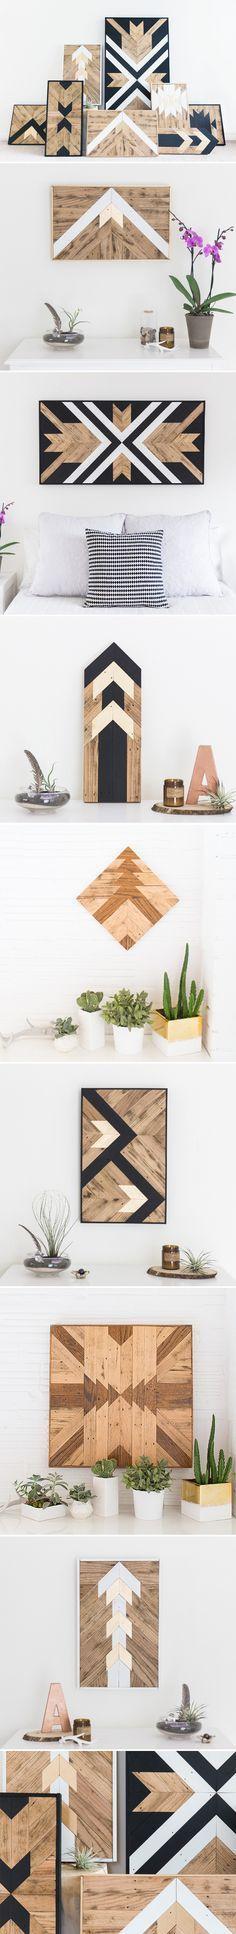 reutilizando madeira